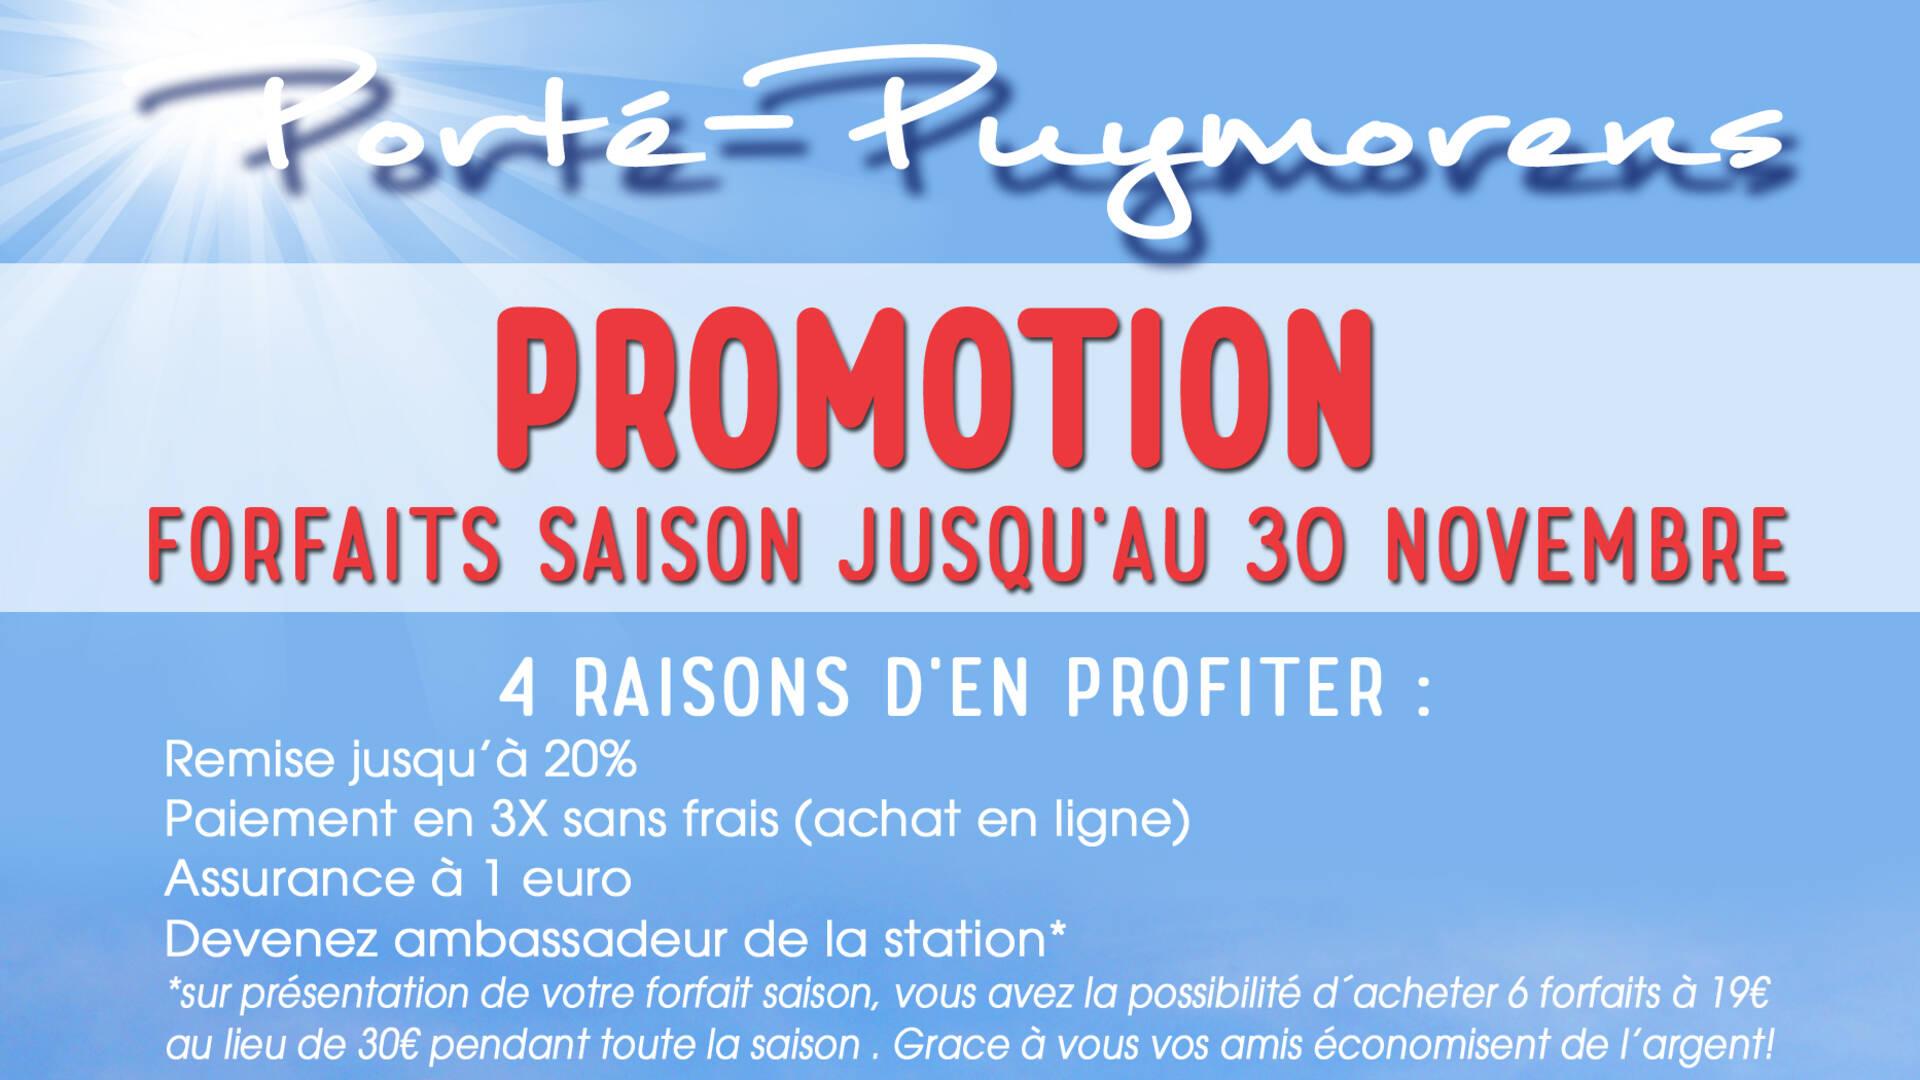 Promotion forfaits saison Porté-Puymorens